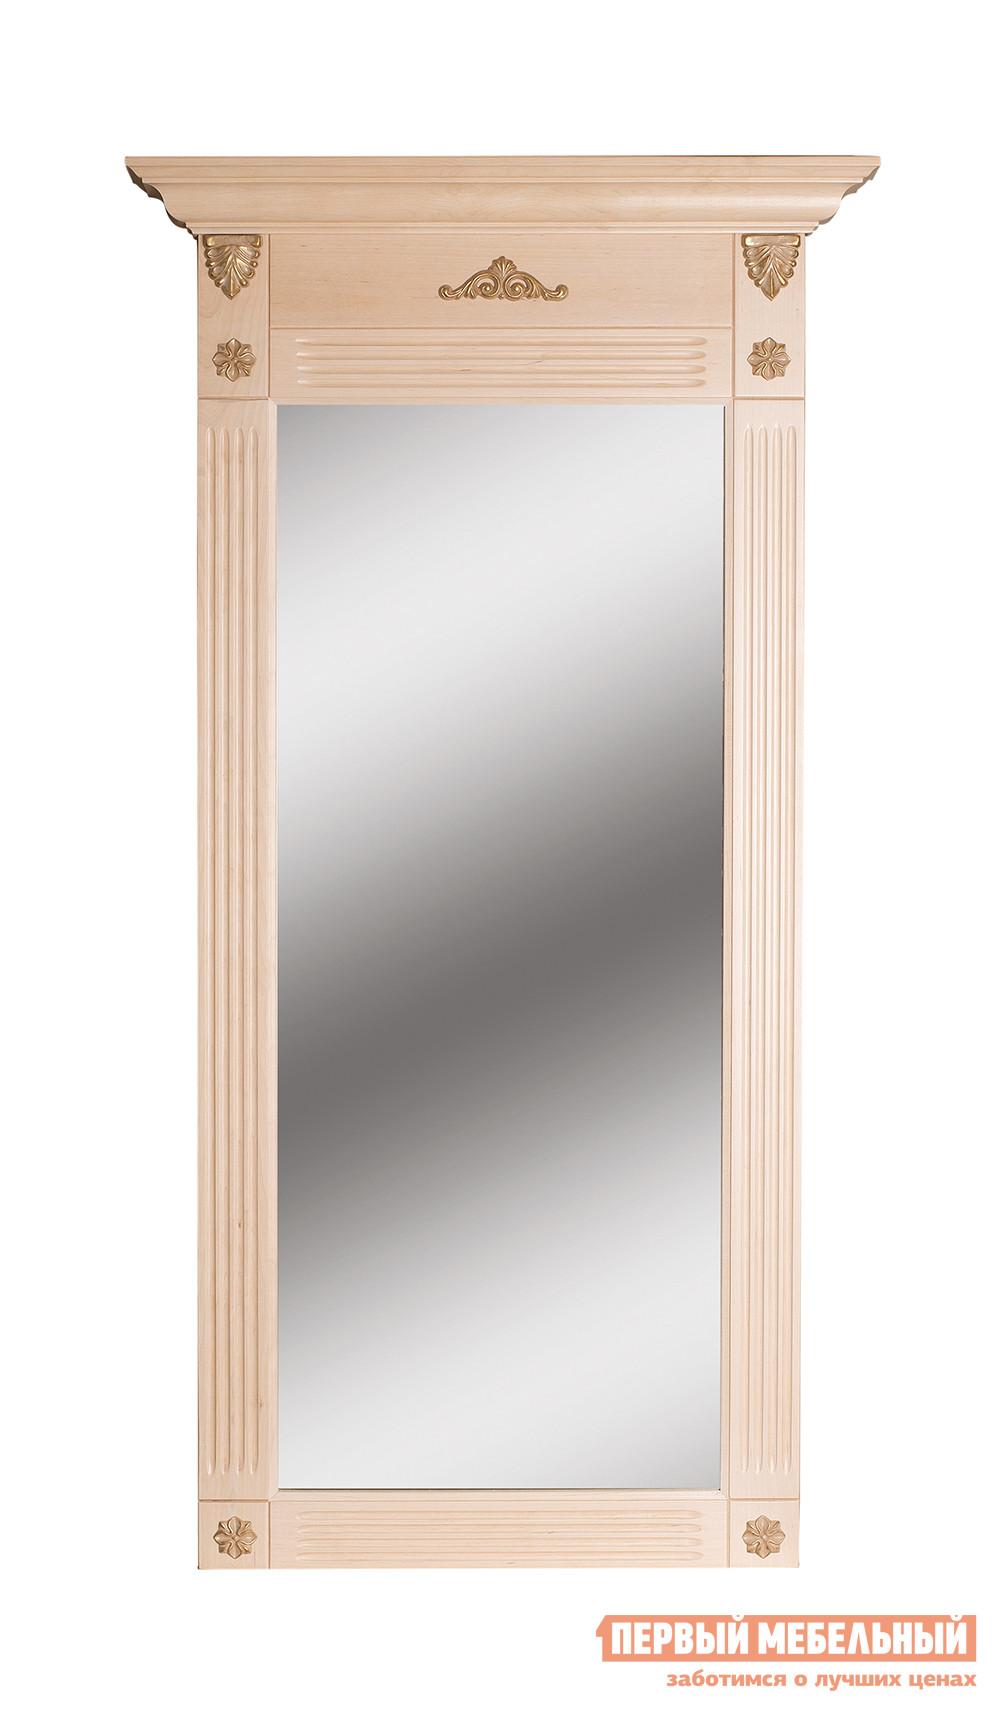 купить Настенное зеркало Мебелик Зеркало Сильвия по цене 8580 рублей